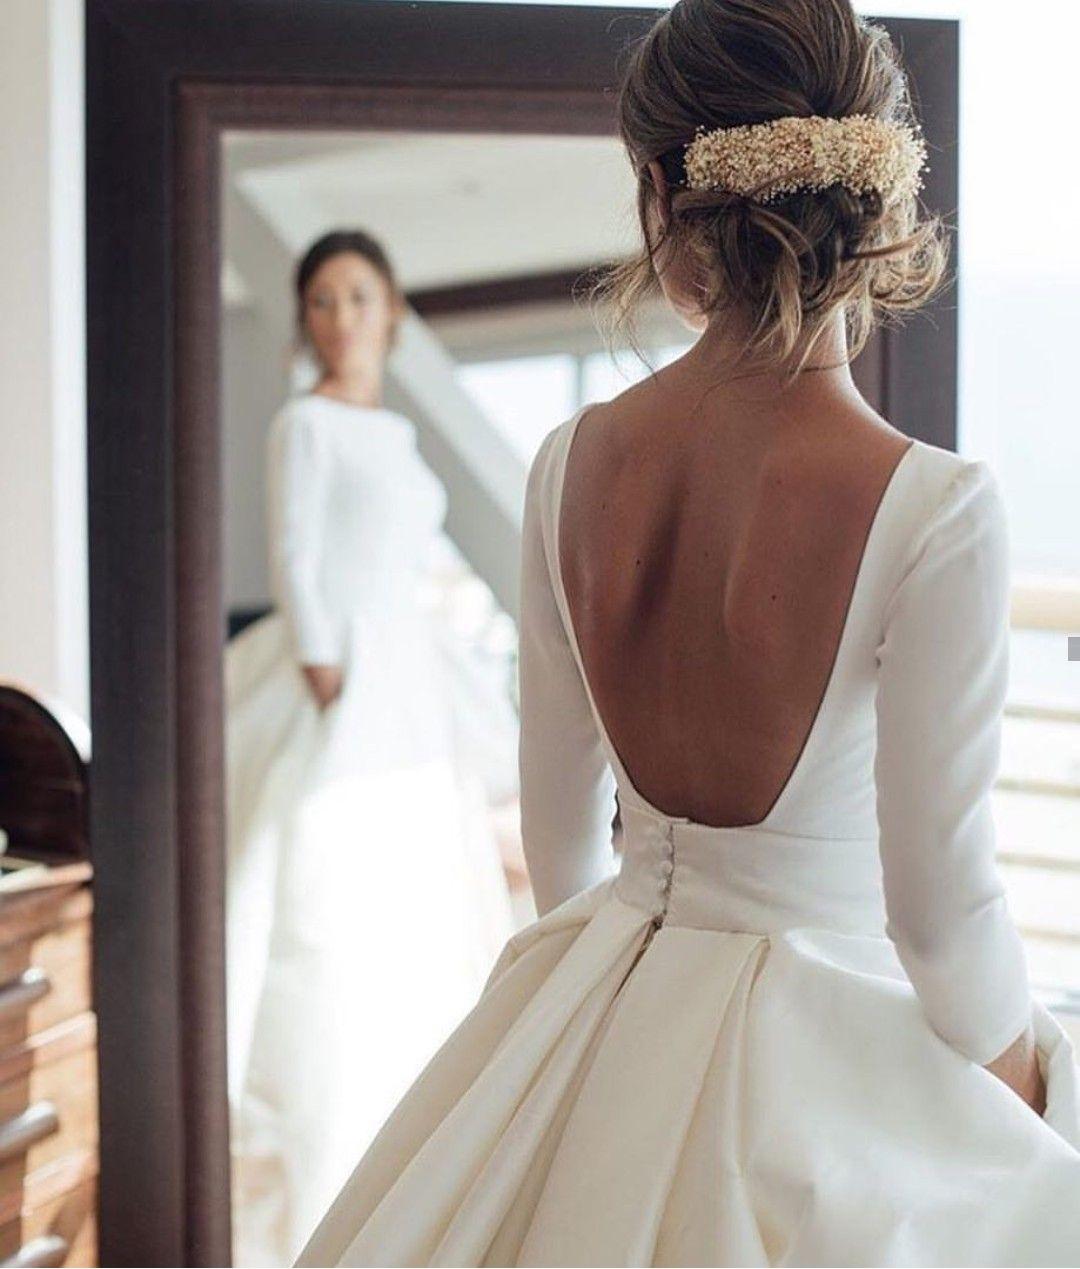 Rubén hernandez up dos pinterest wedding wedding dress and